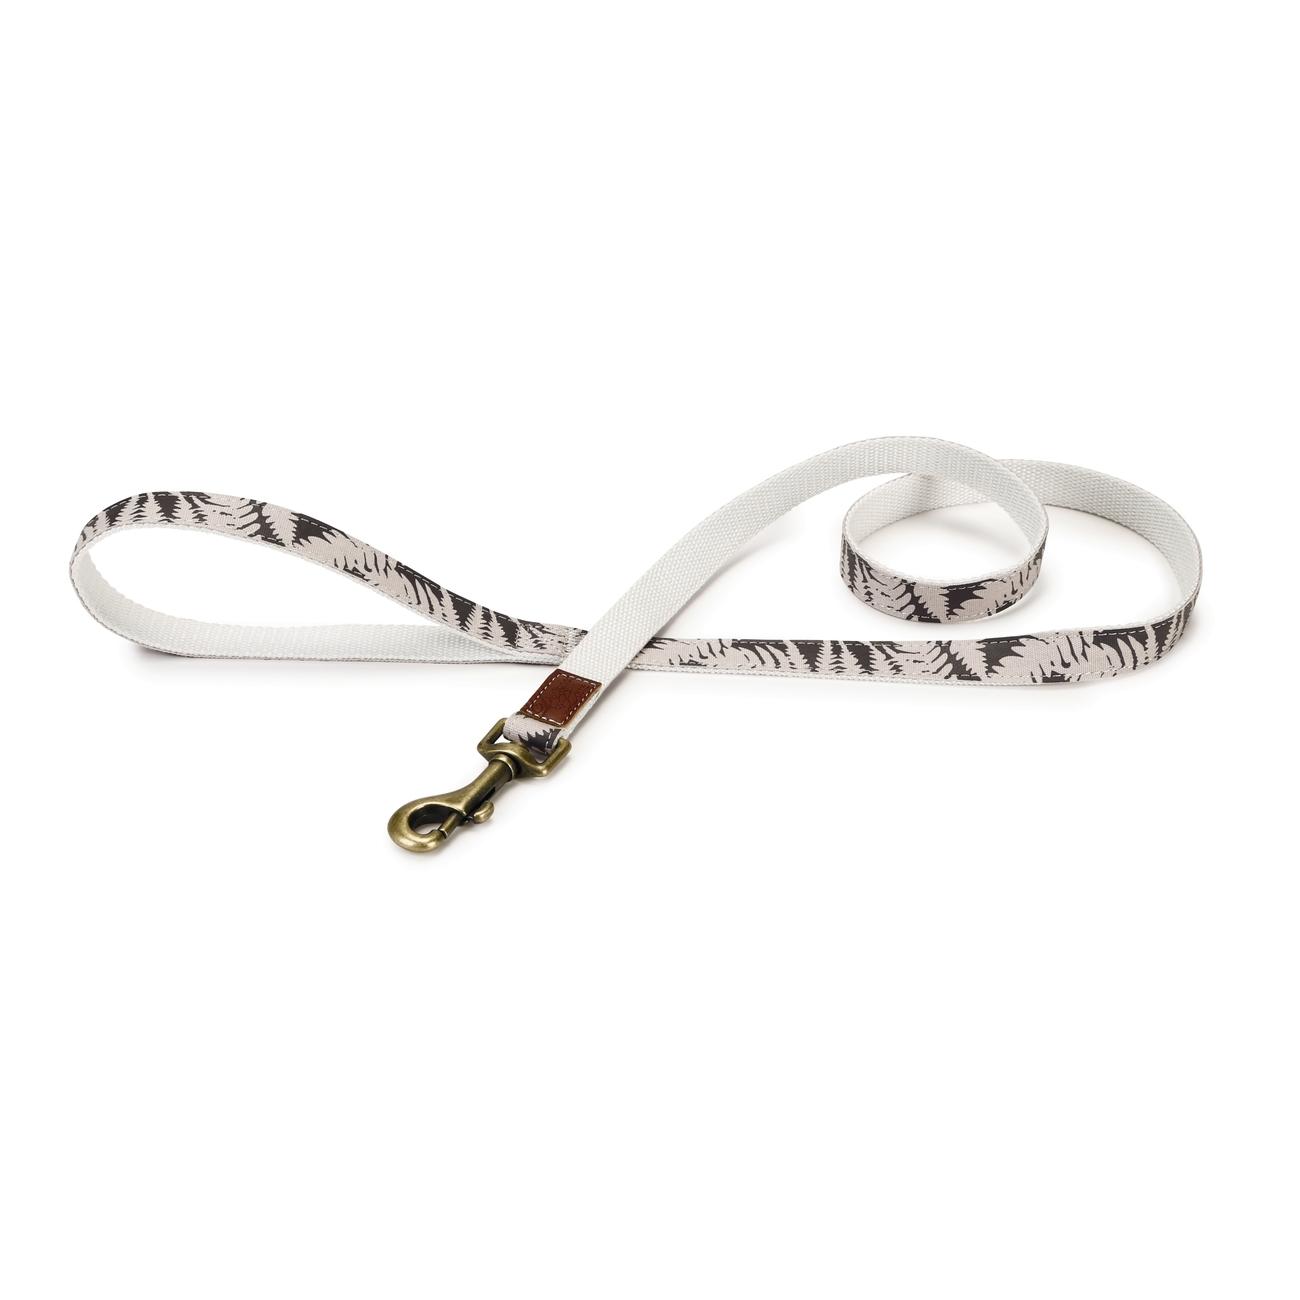 Designed By Lotte - Oribo Halsband oder Leine aus Nylon, Bild 8